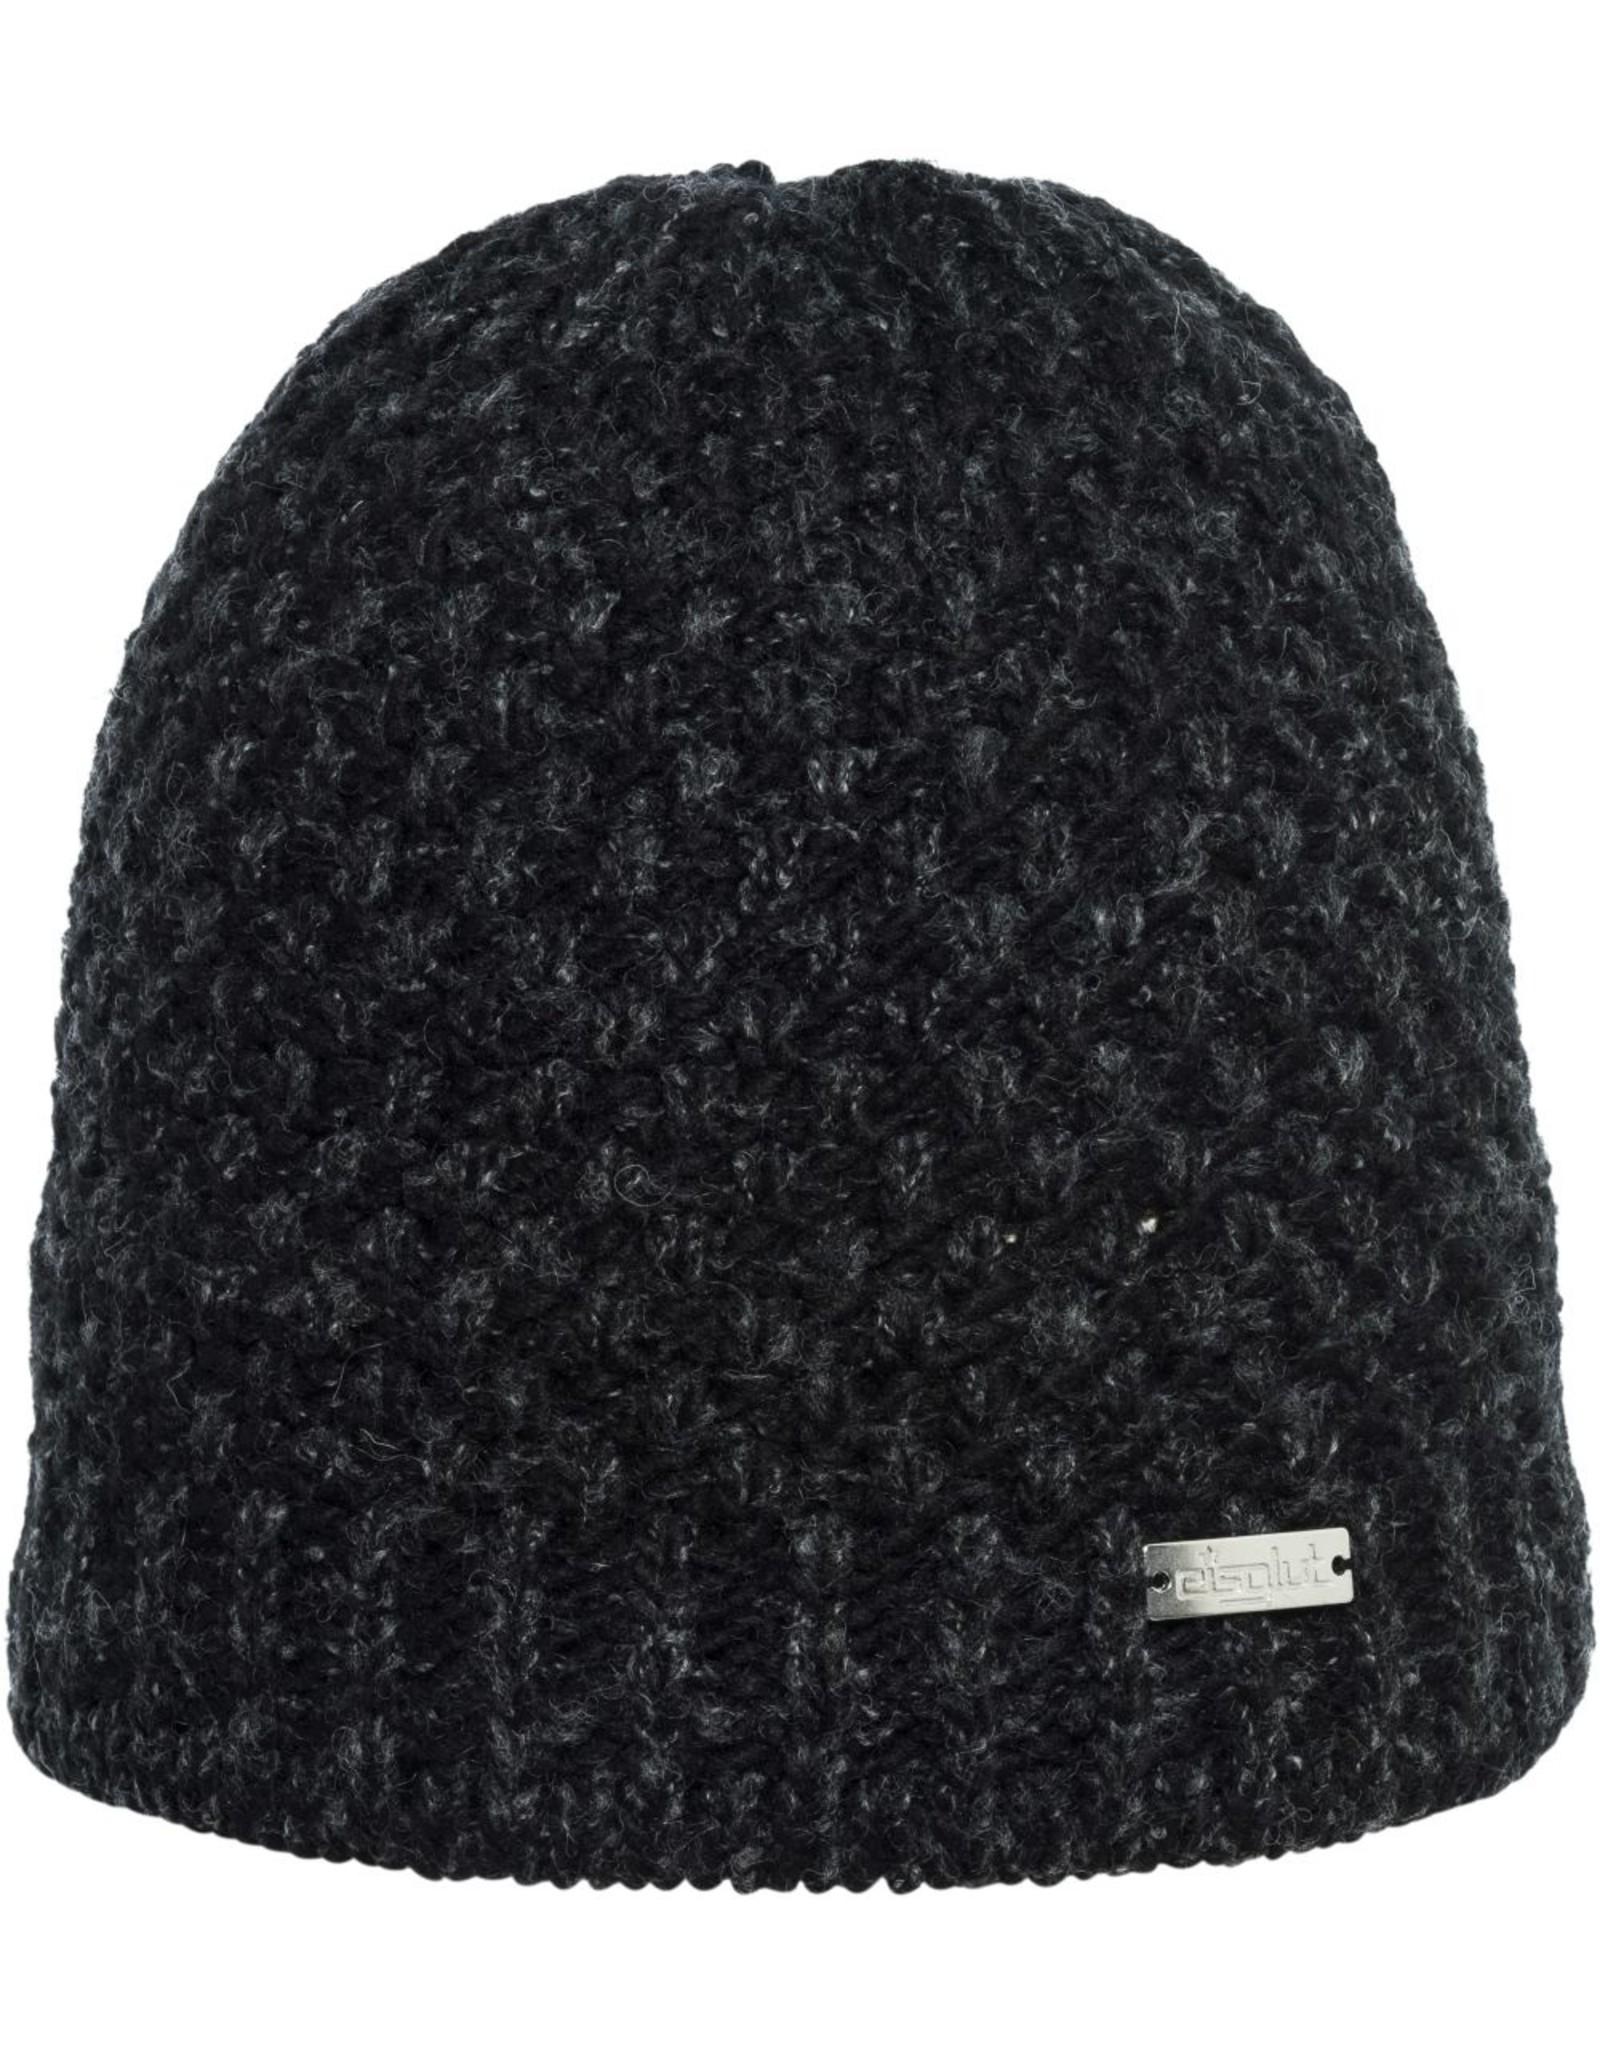 Eisglut Mareike Mütze schwarz